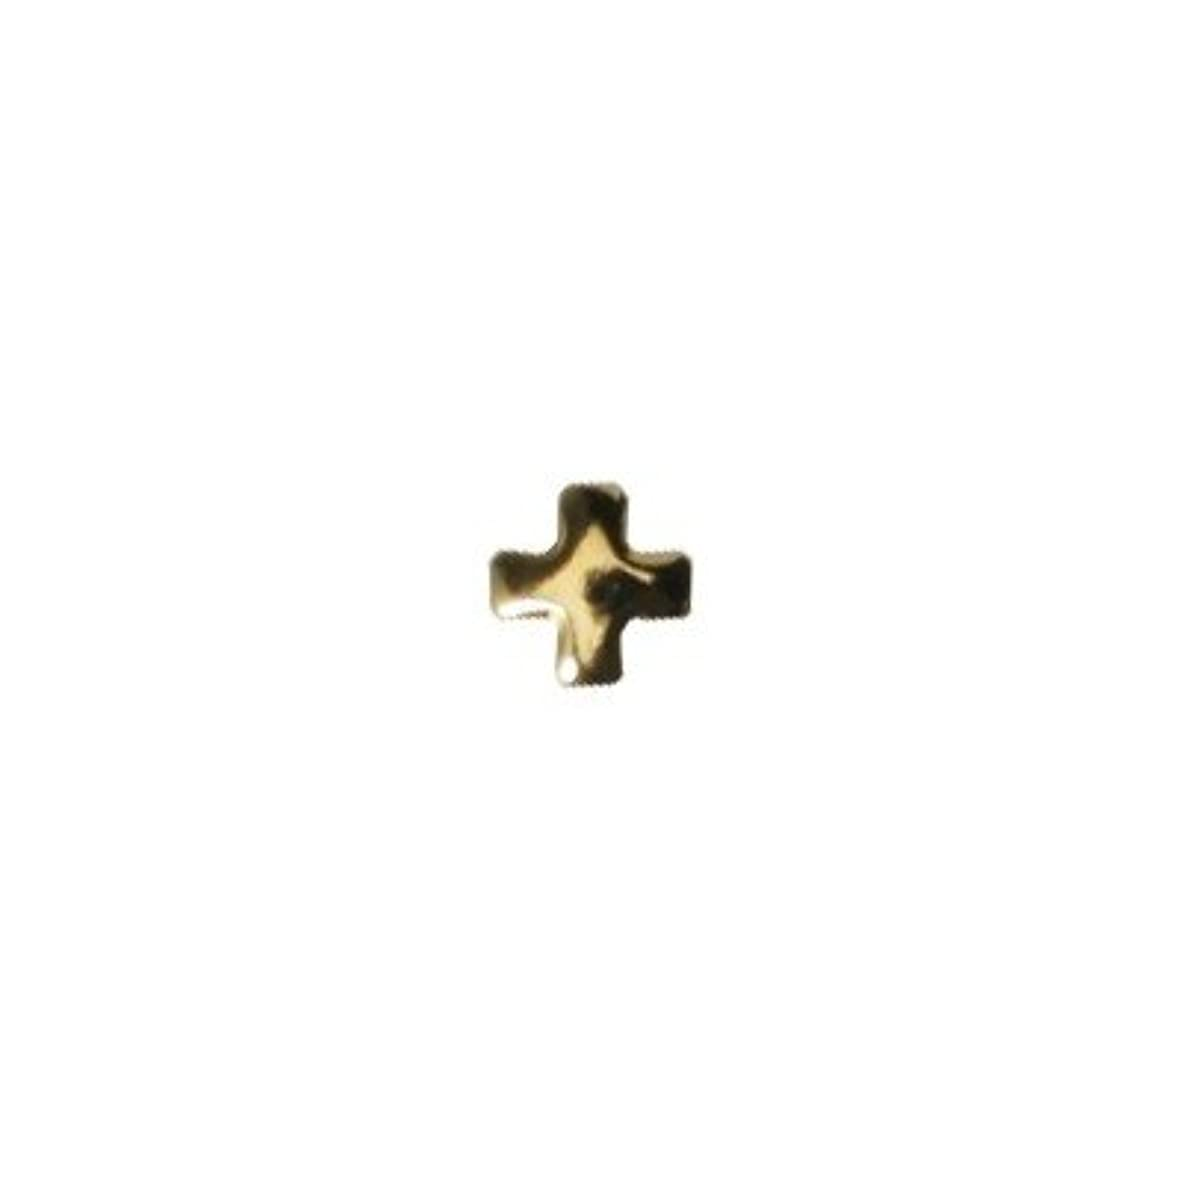 囲い死ぬ引き出すピアドラ スタッズ クロスレット 2mm 50P ゴールド